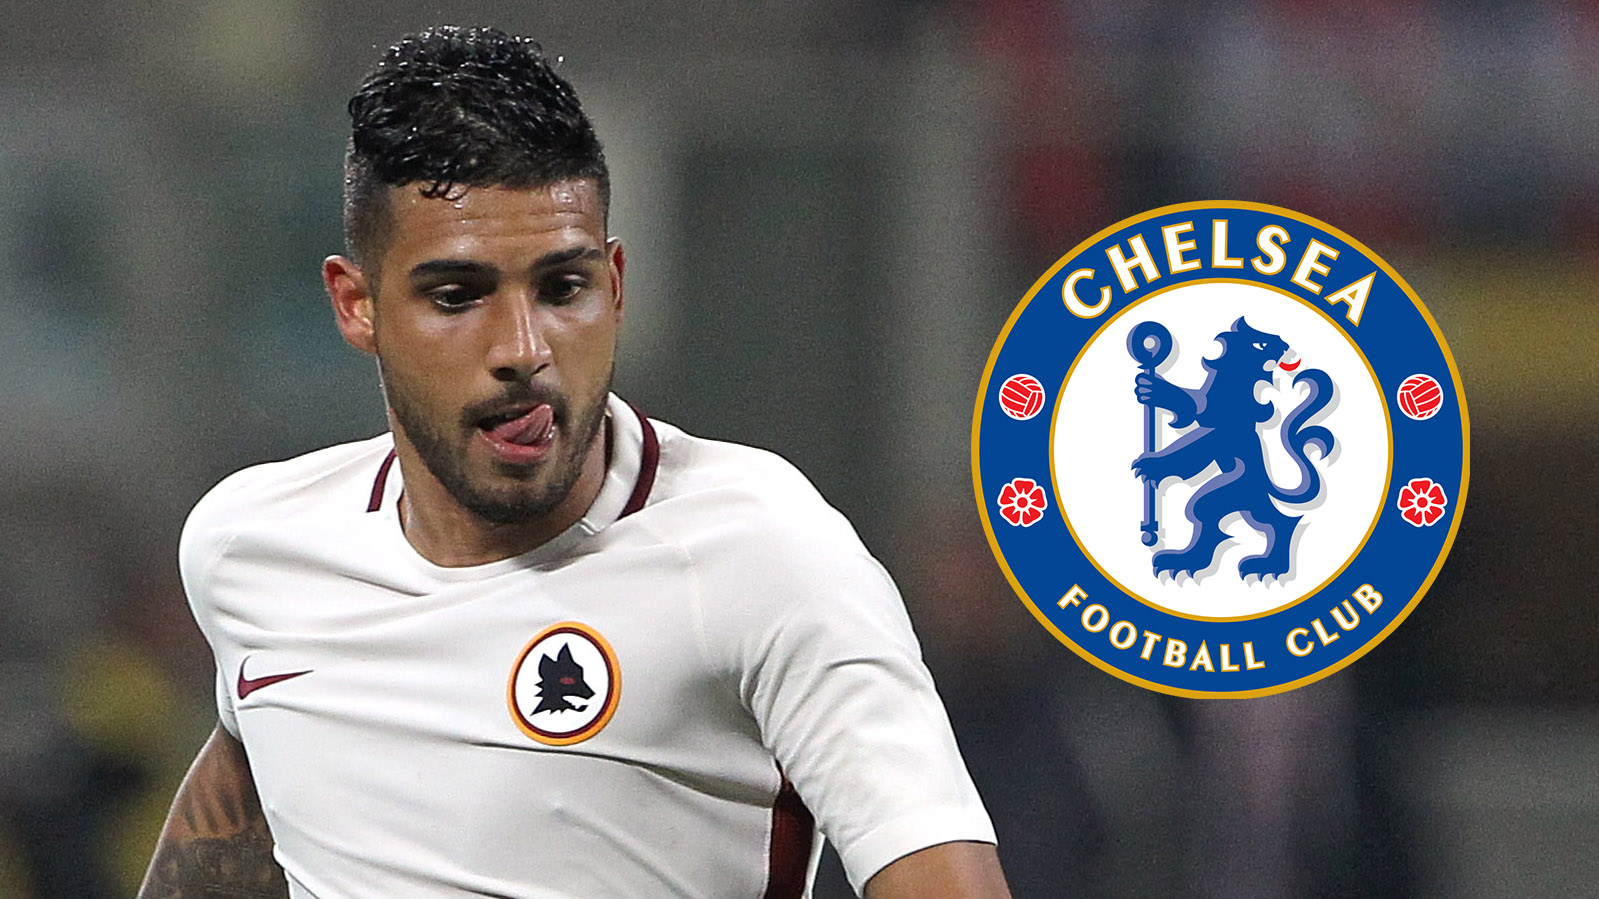 Hoje em alta e vendido ao Chelsea, Palmieri saiu do Santos desvalorizado